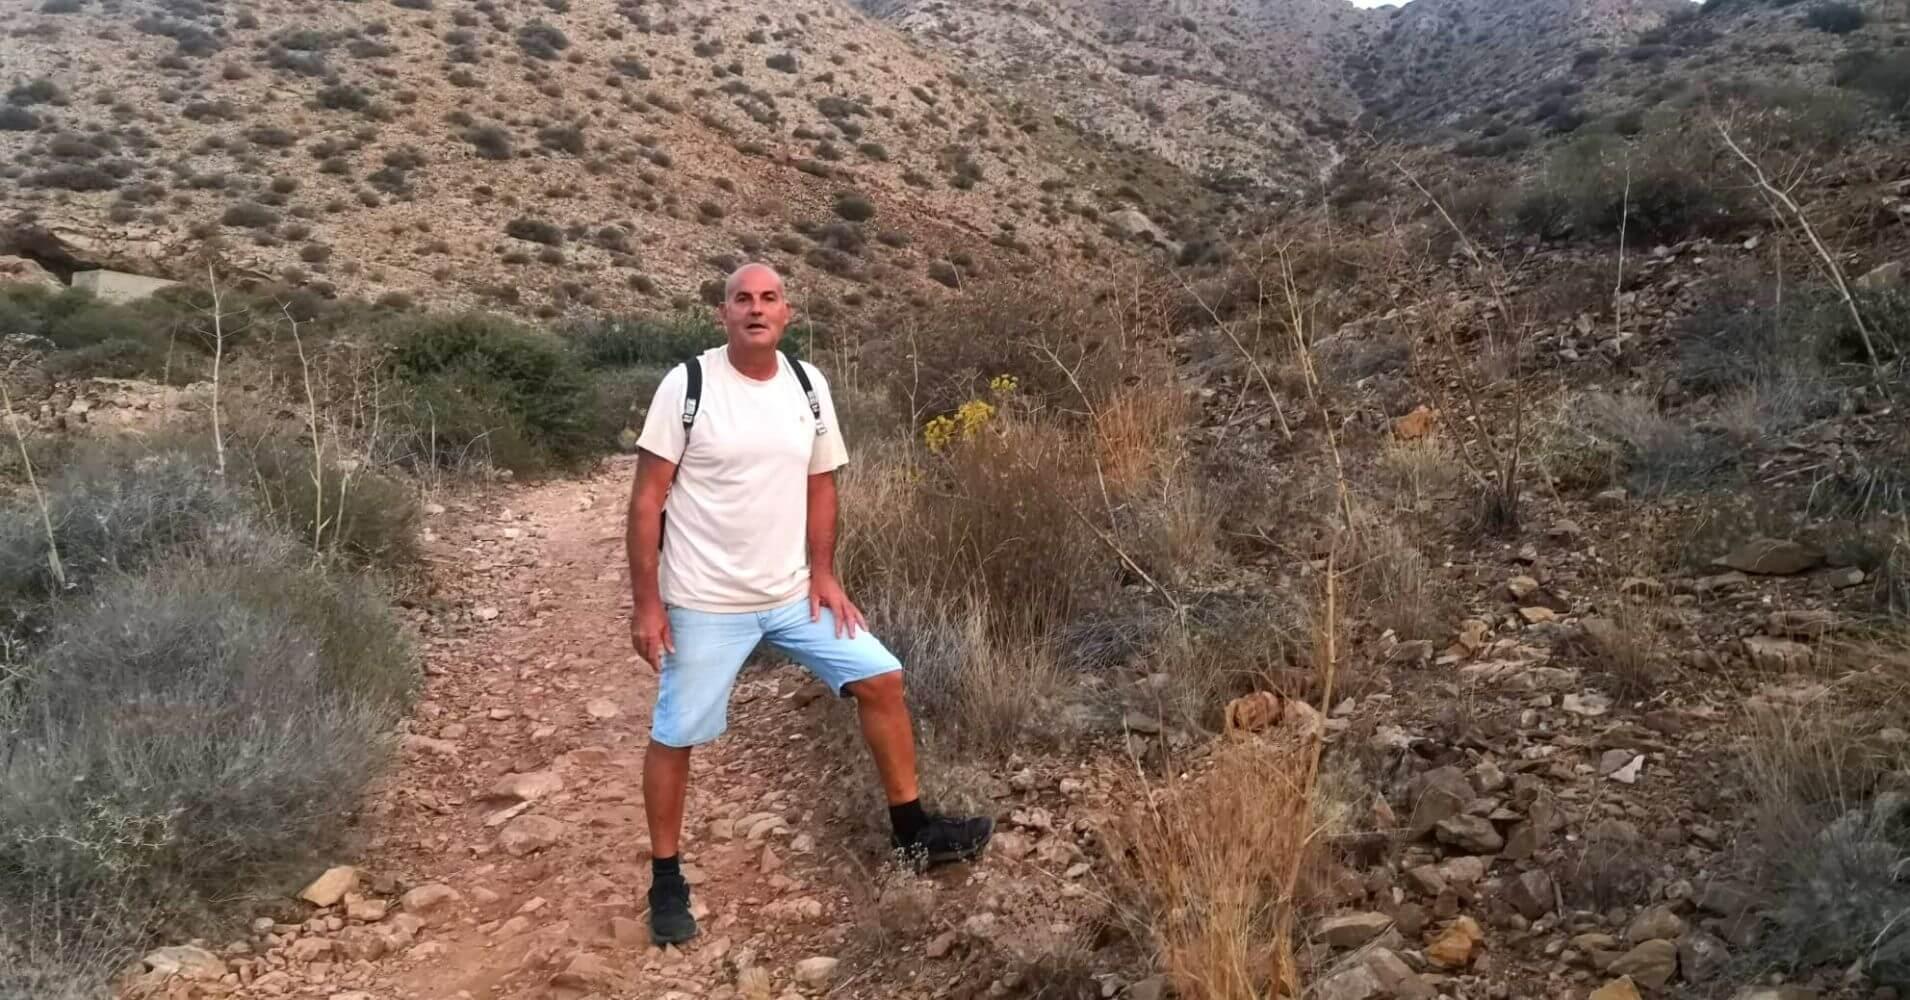 Inicio de la Trepada a la Cumbre del Cabezo Gordo. Torre Pacheco. Murcia.